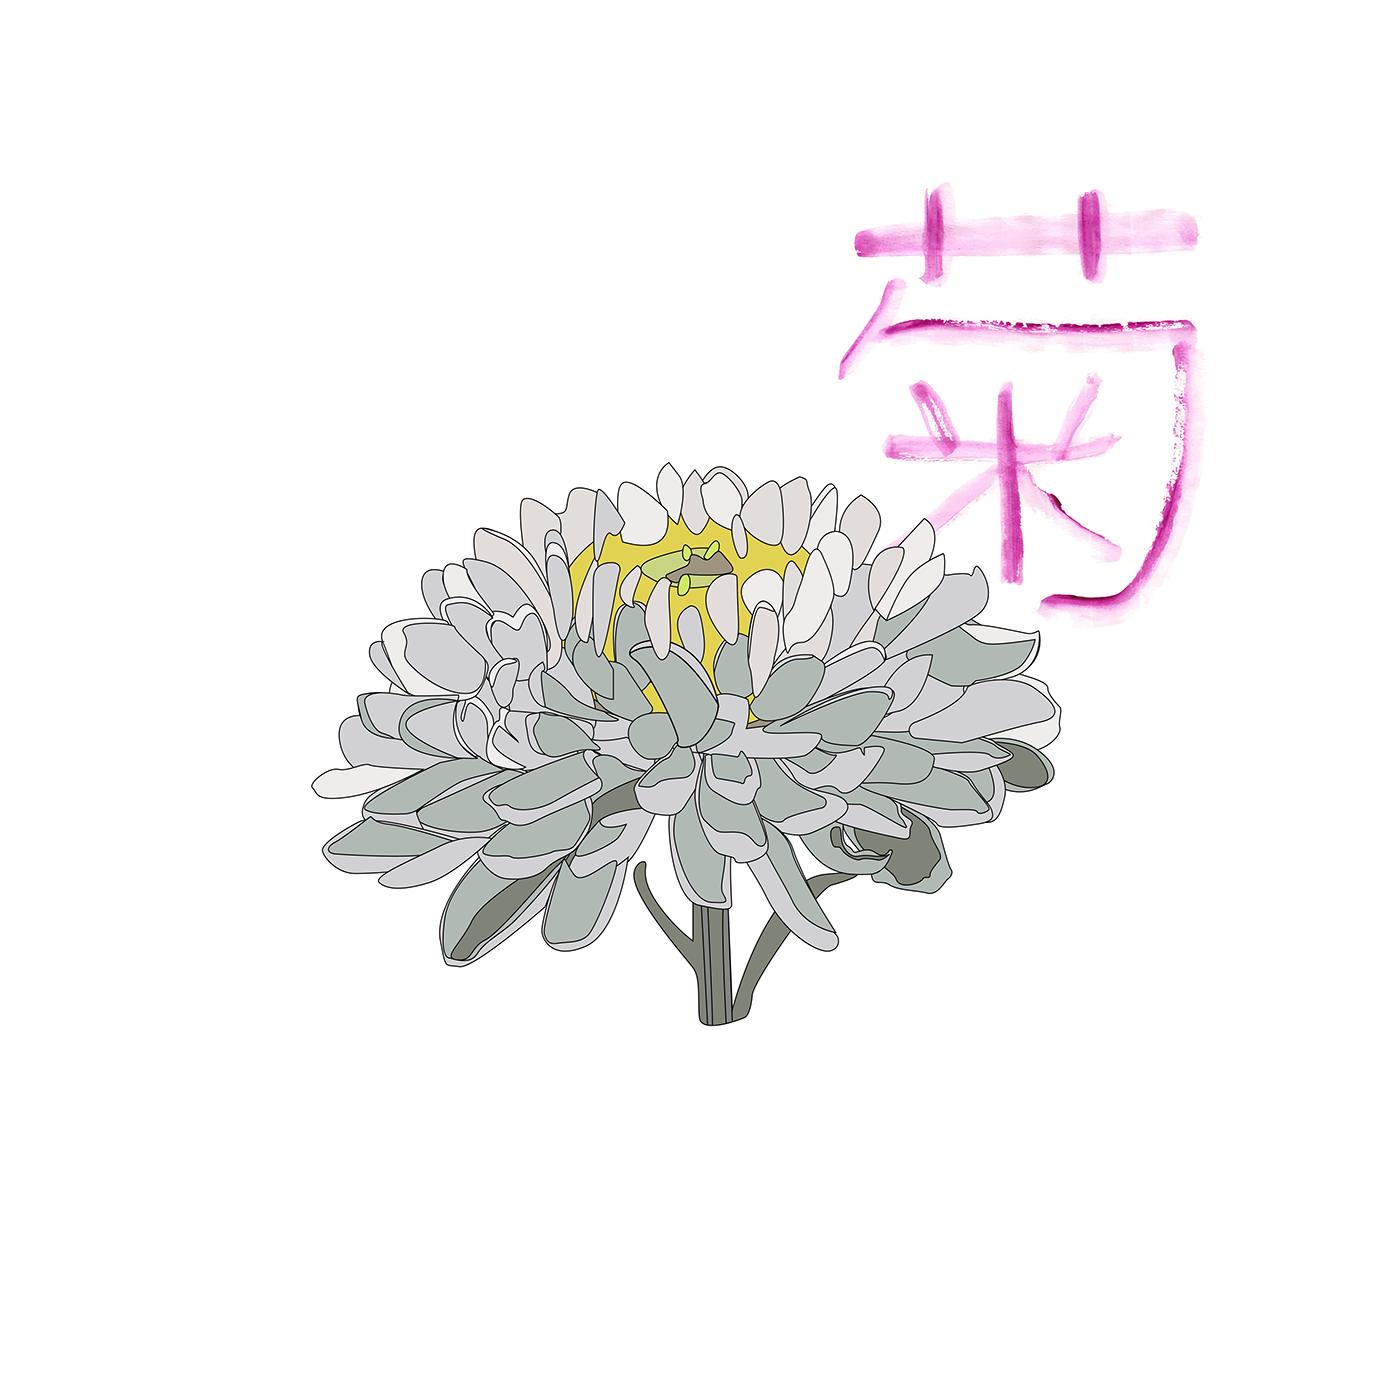 Hanakatoba The Language Of Flowers On Behance